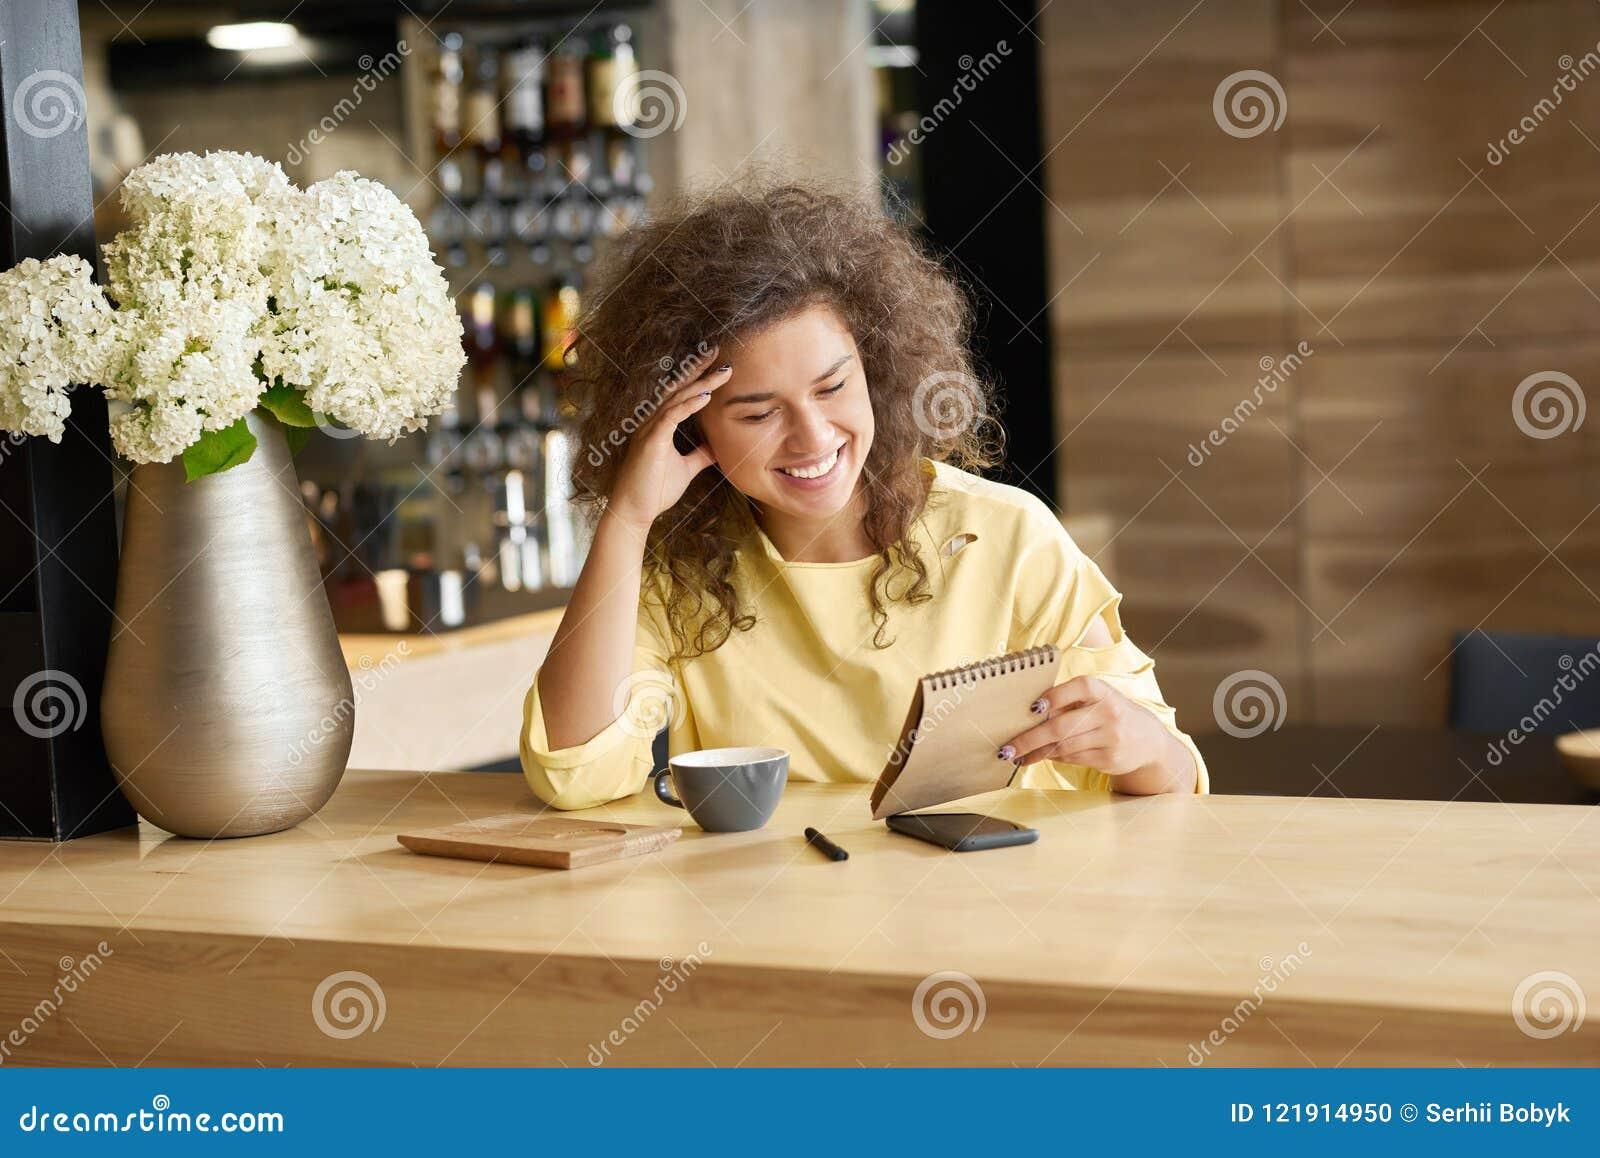 Utsmyckat skratta ung flickasammanträde på trätabellen som håller blocknote